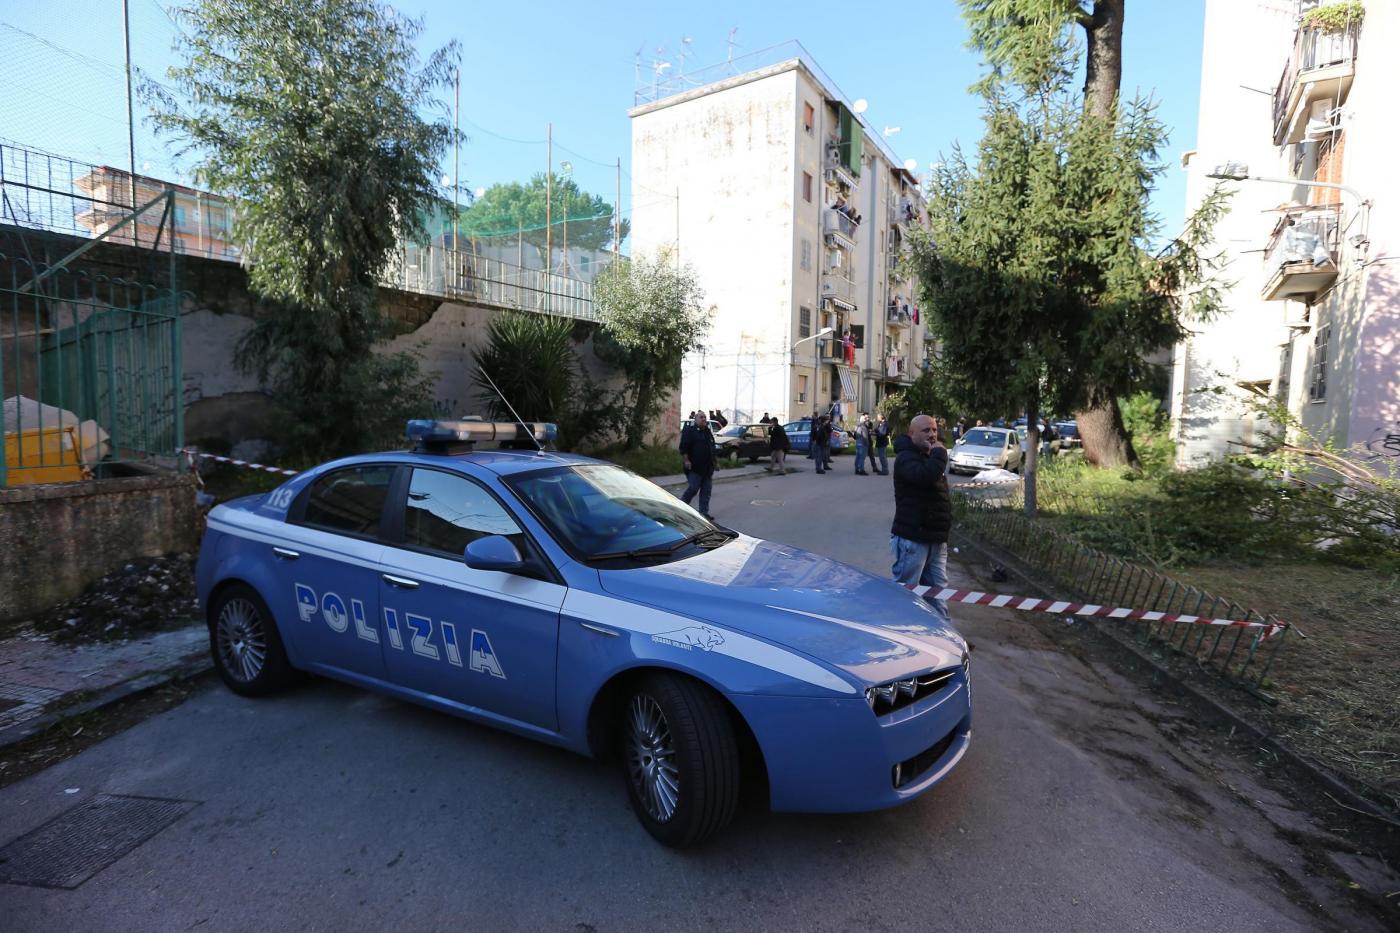 Polizia italiana tra divise patacca e appalti opachi, la denuncia dellAnticorruzione